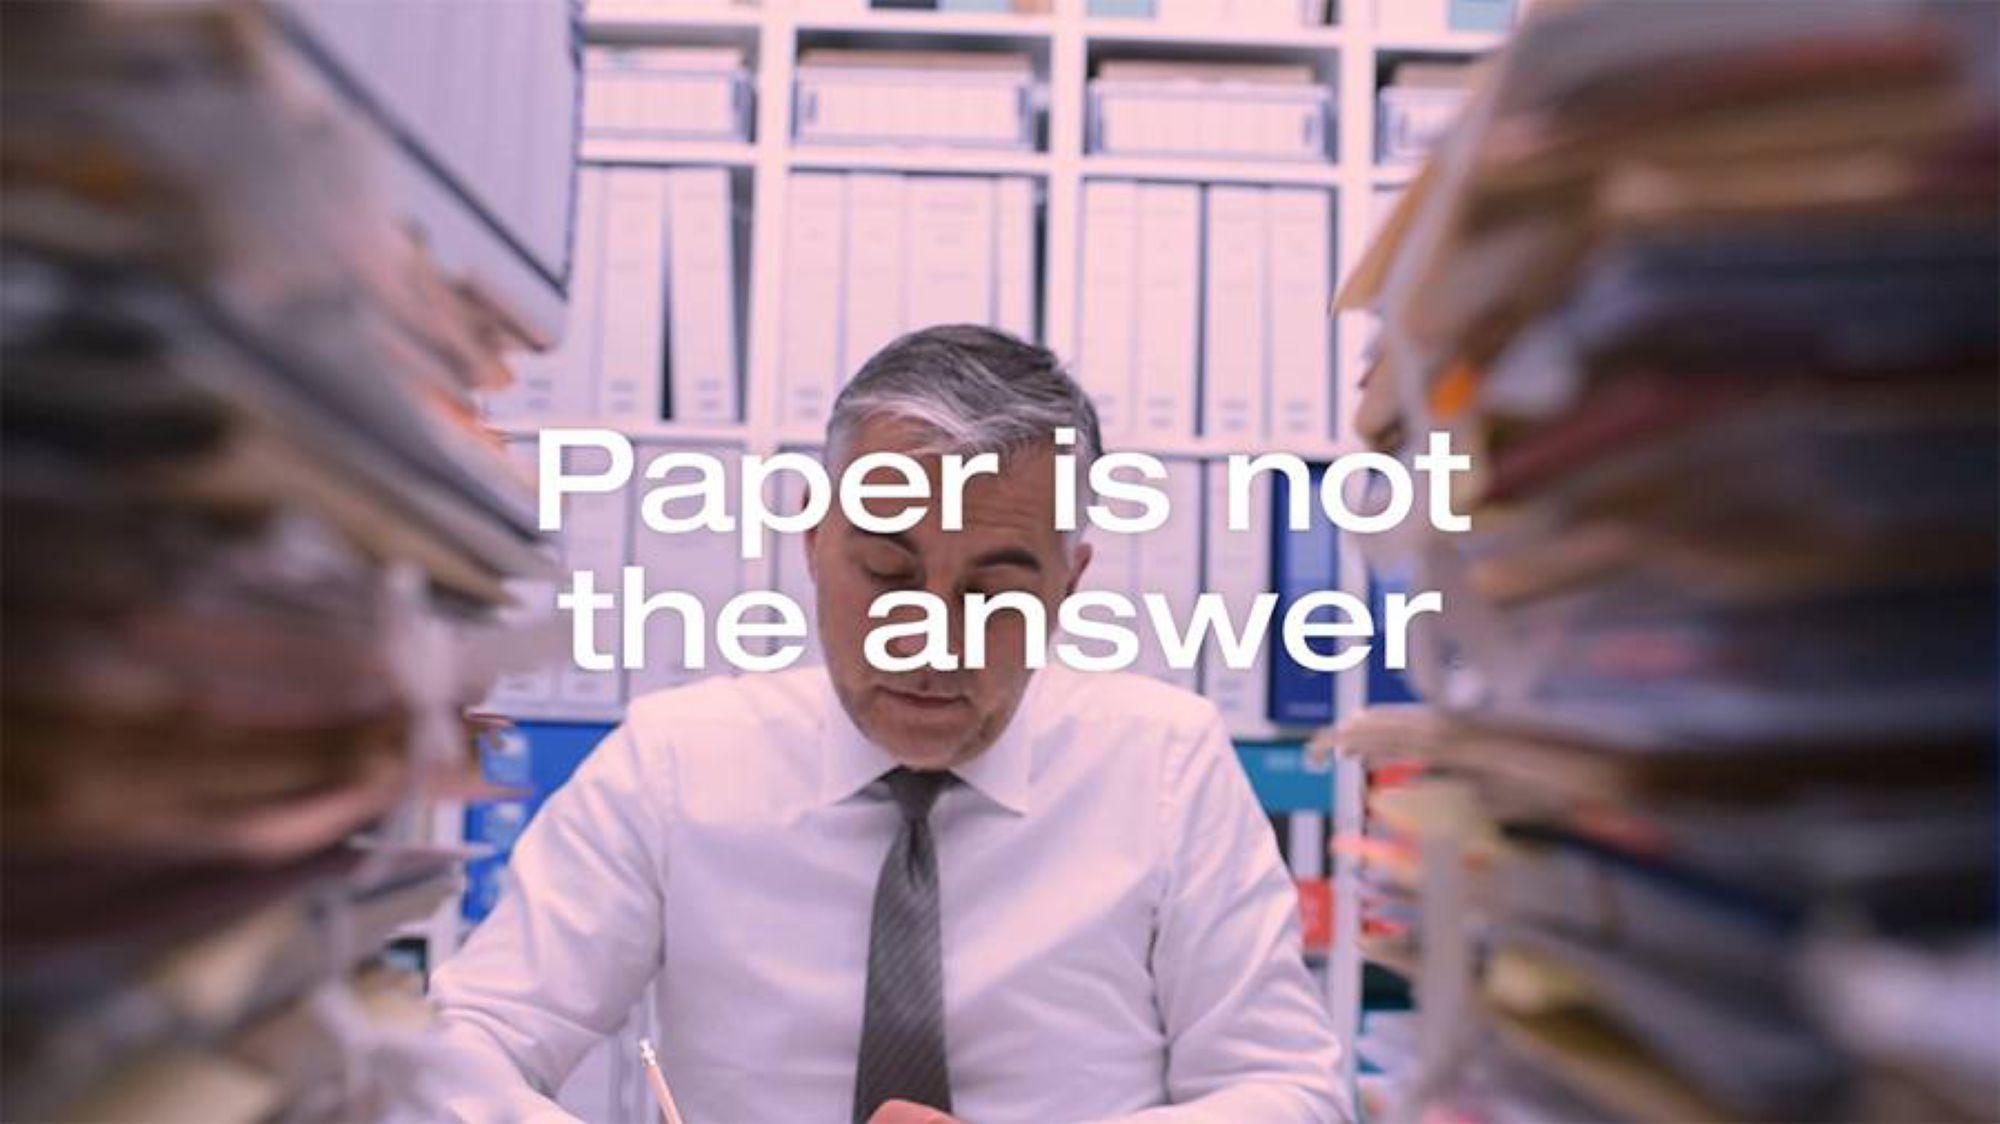 纸质食品安全系统的三大缺点